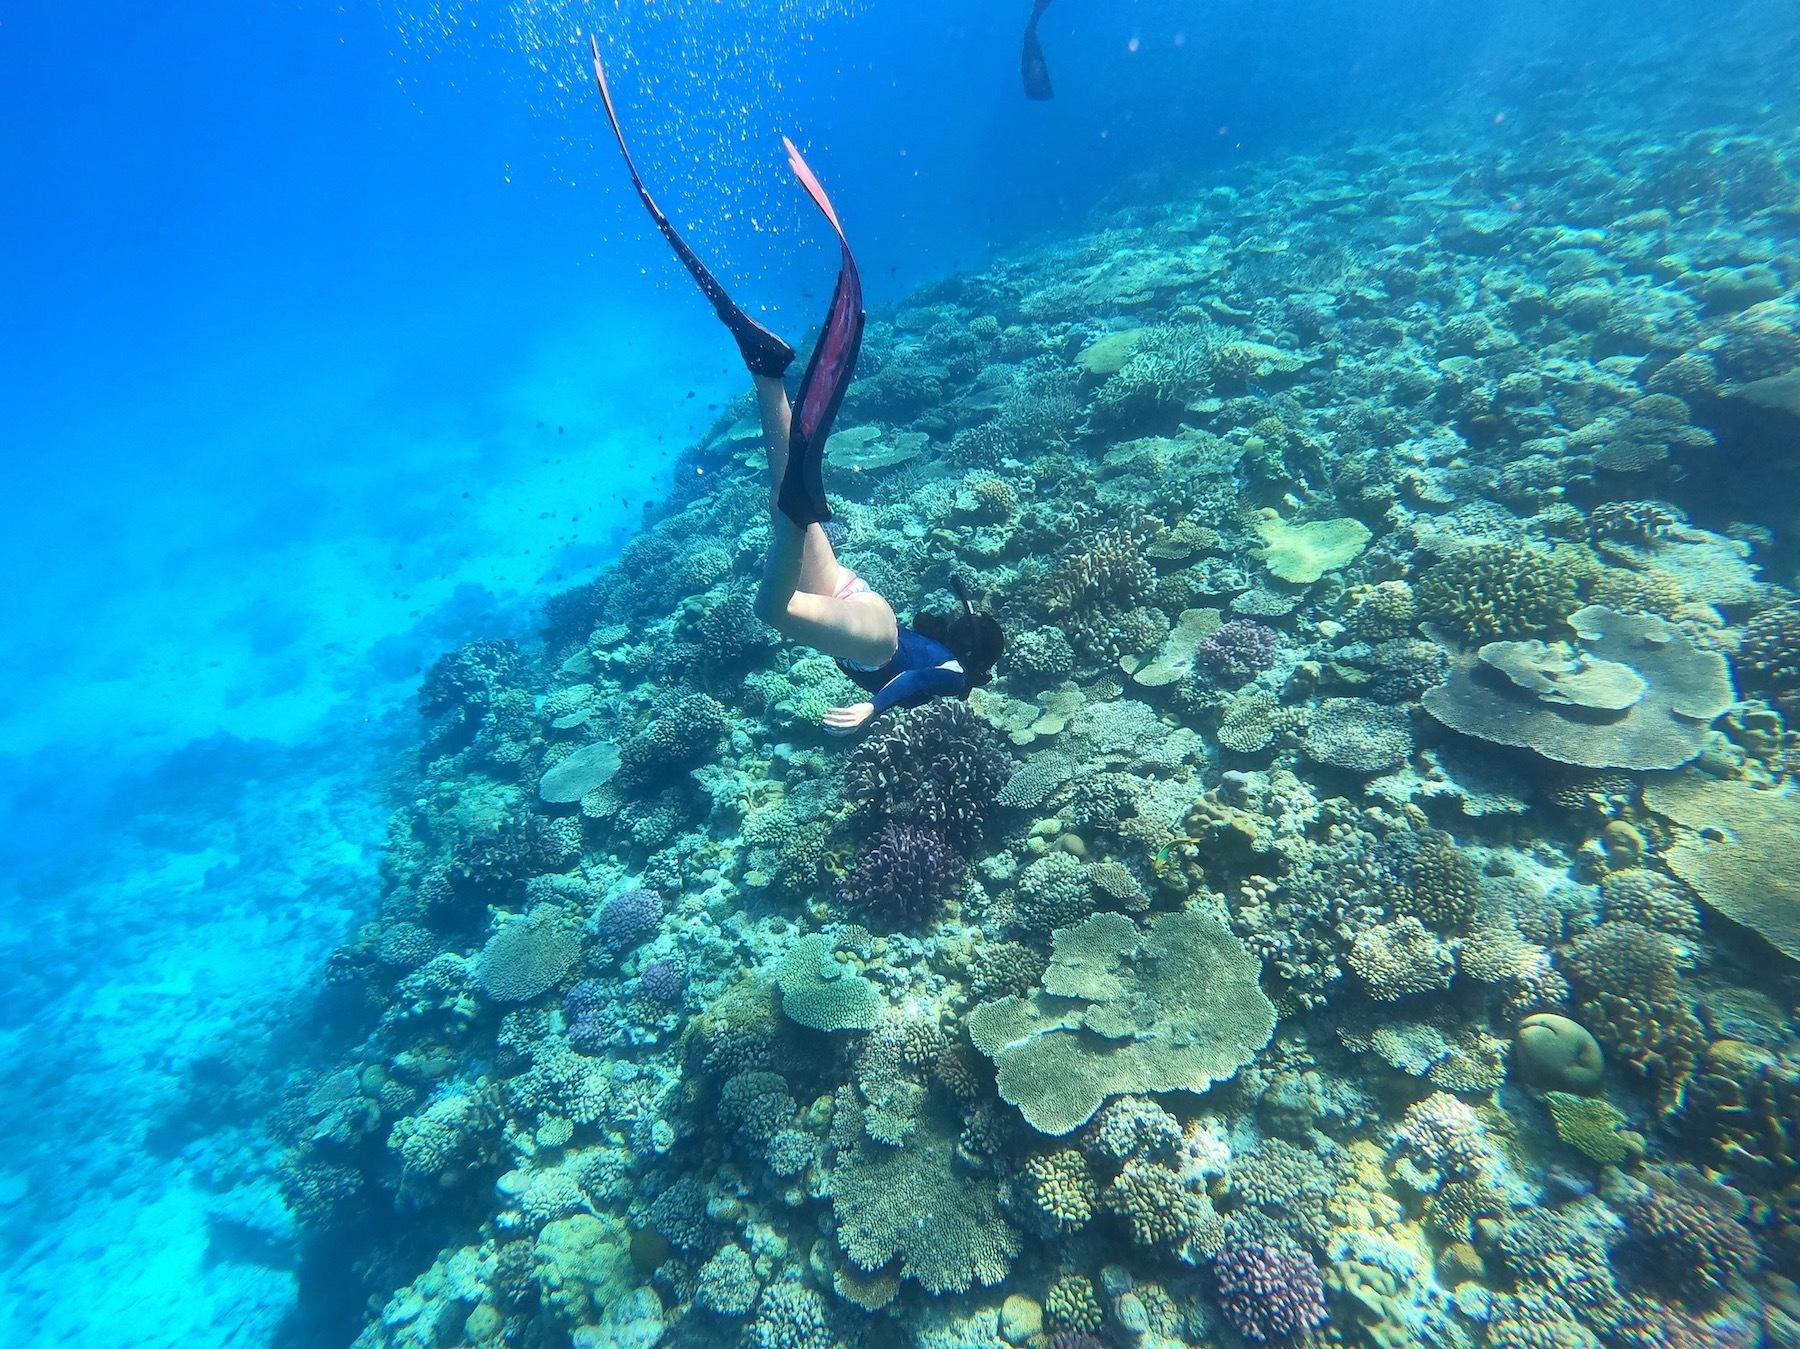 海の中で泳ぐ女性